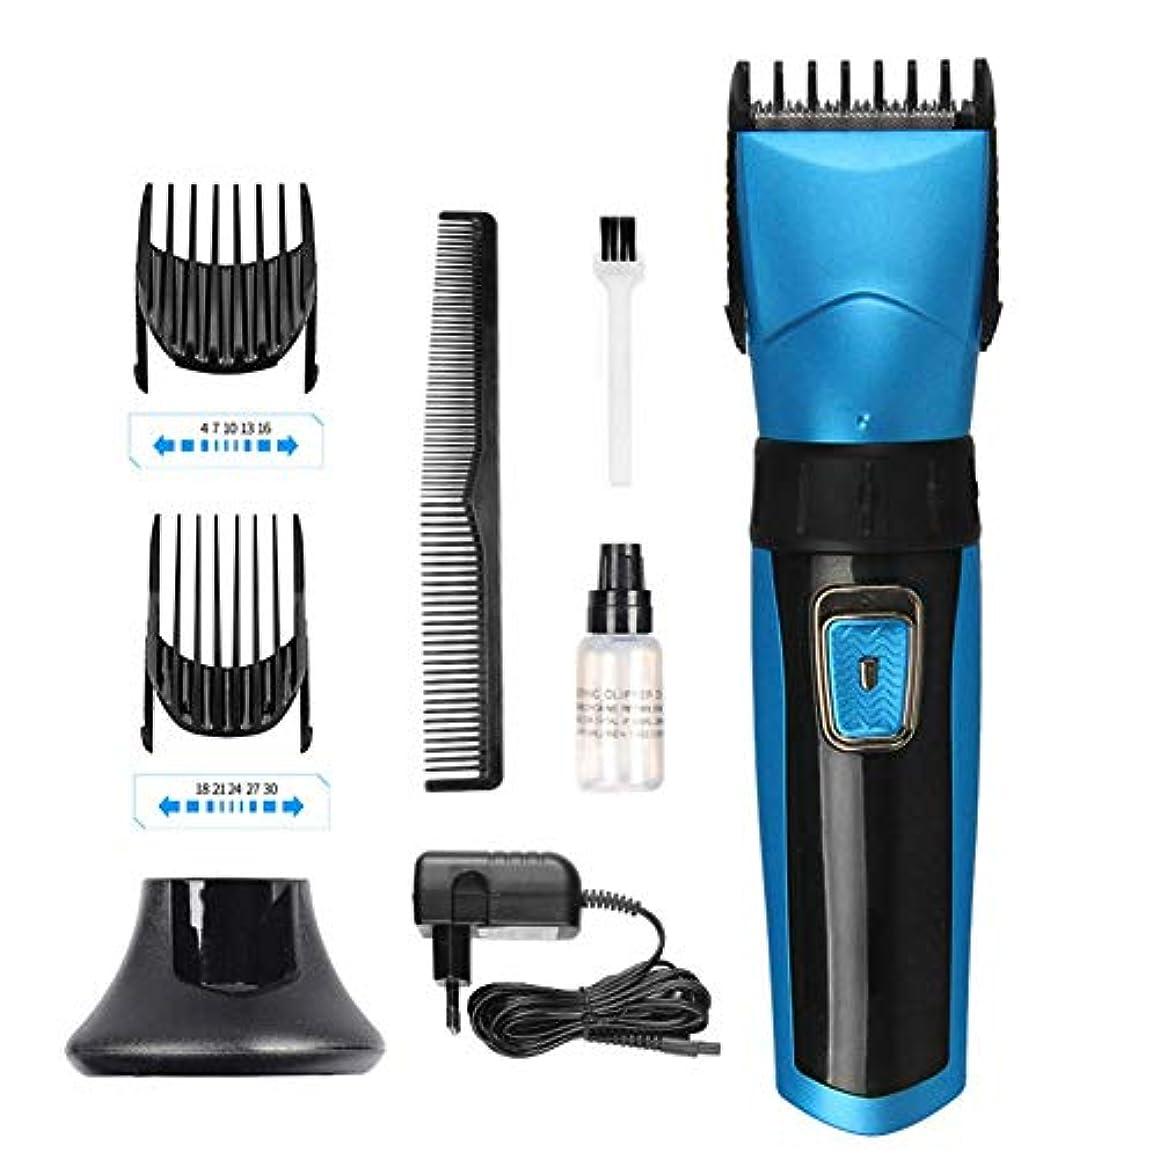 一回染料関税バリカン男性プロのヘアトリマー、コードレスヘアートリマー防水Usb充電式、家庭用かみそり